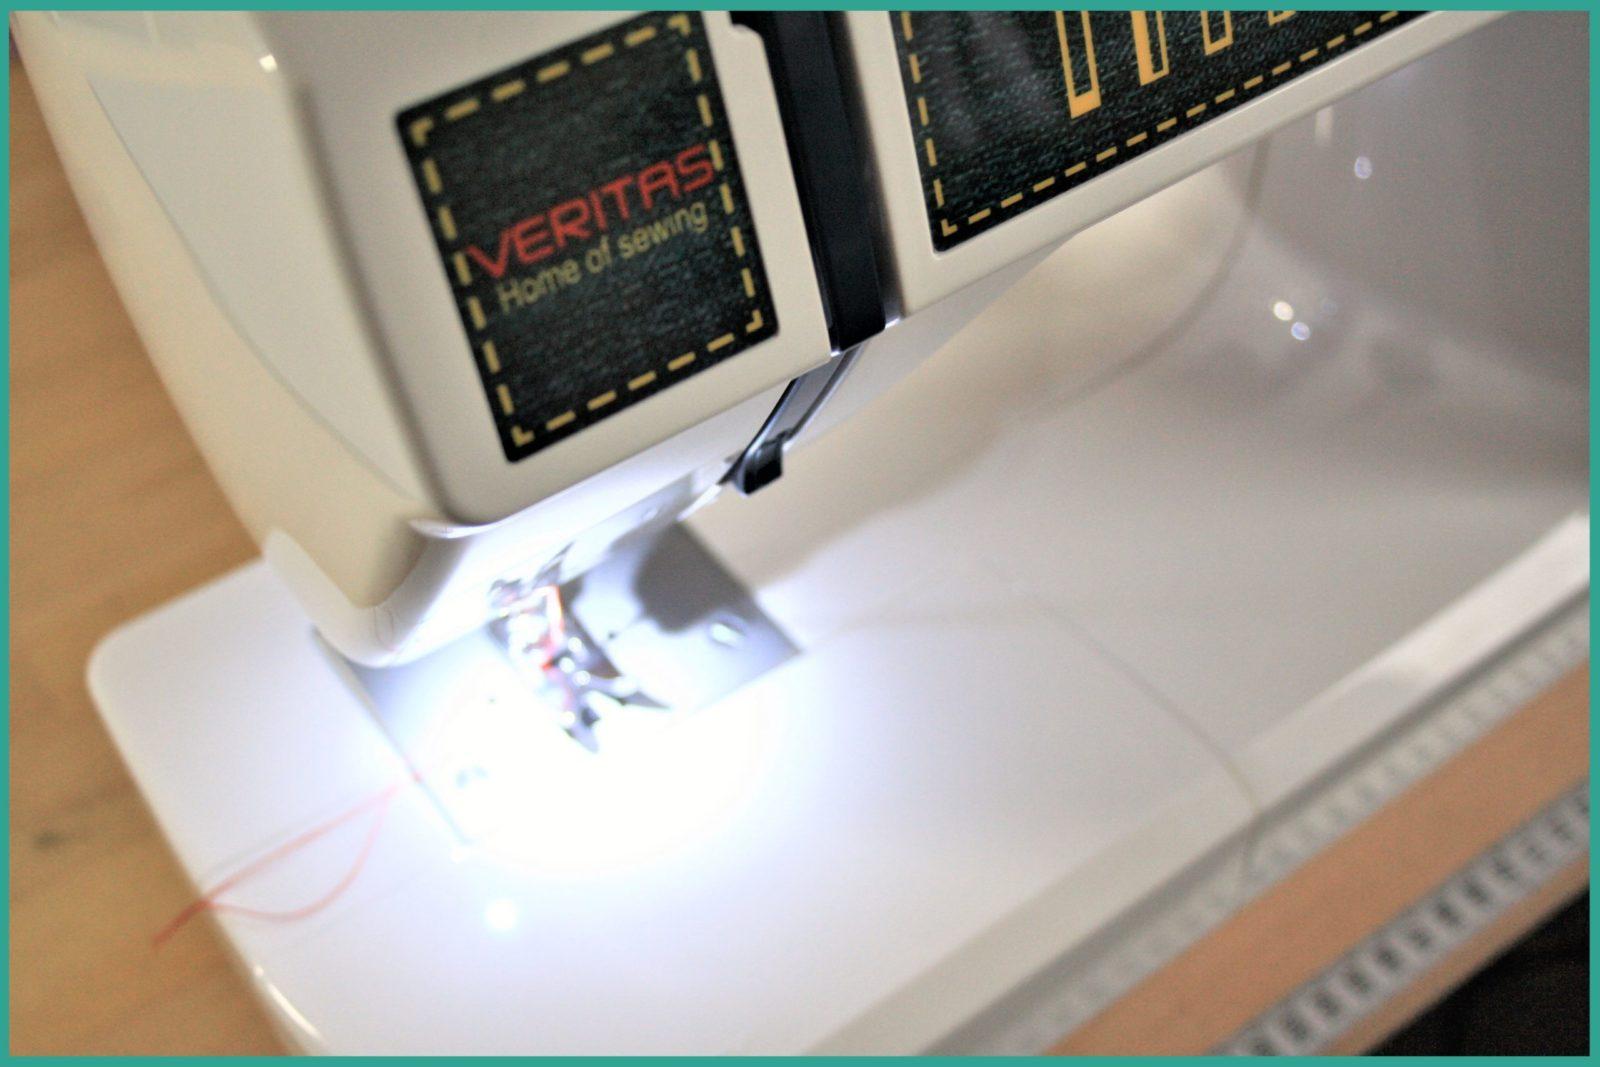 La machine JSA18 de Veritas - La P'tite Main